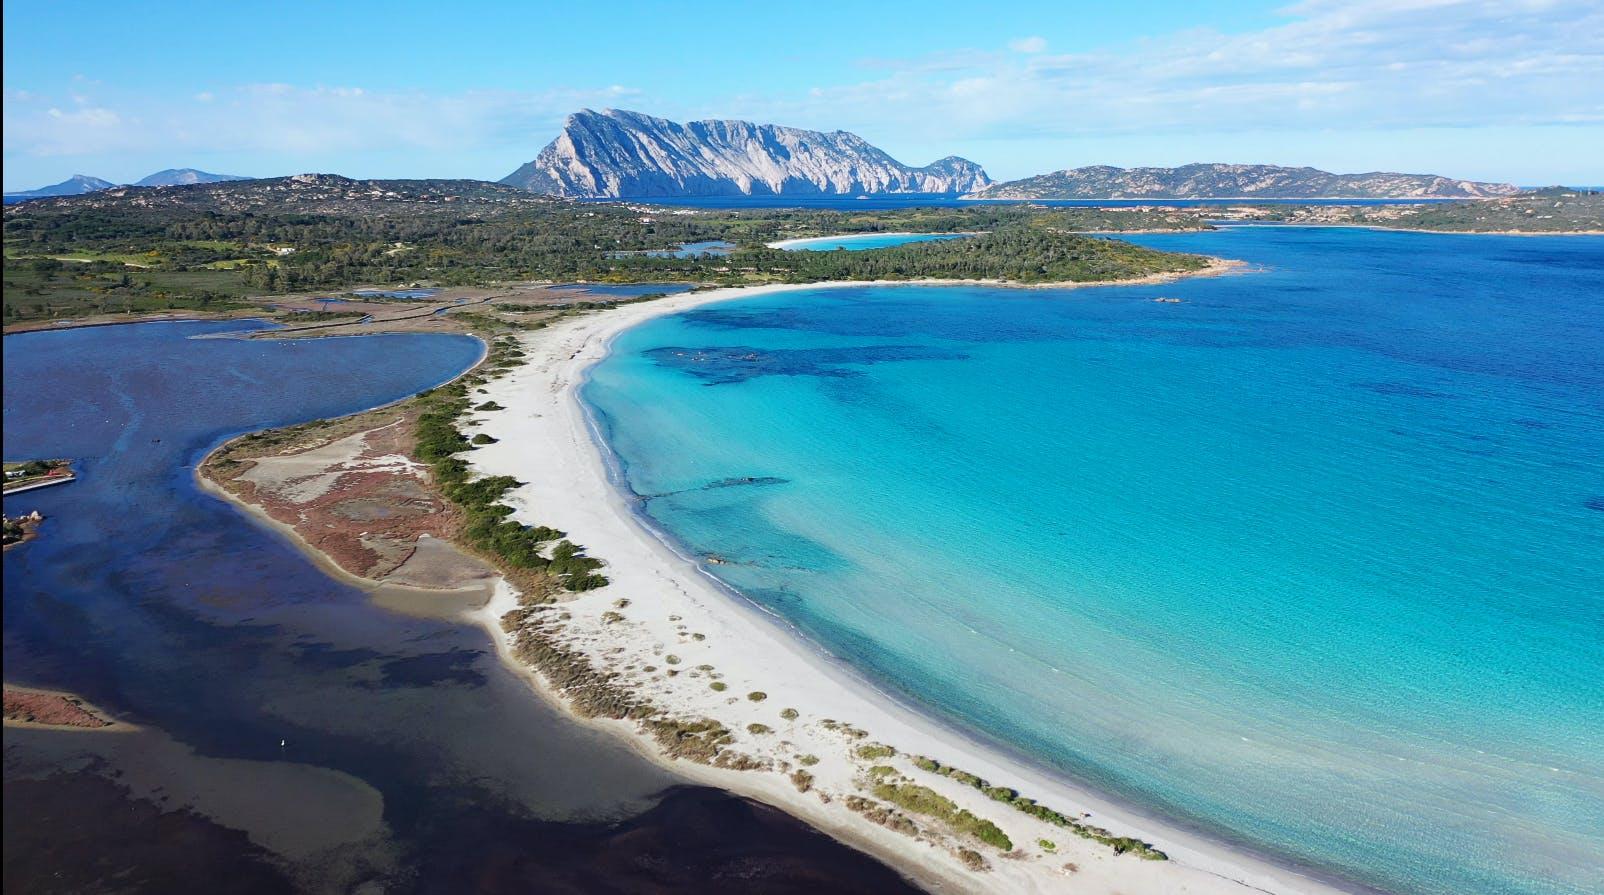 Nella foto l'area marina protetta di Tavolara nei pressi del Baglioni Resort Sardegna